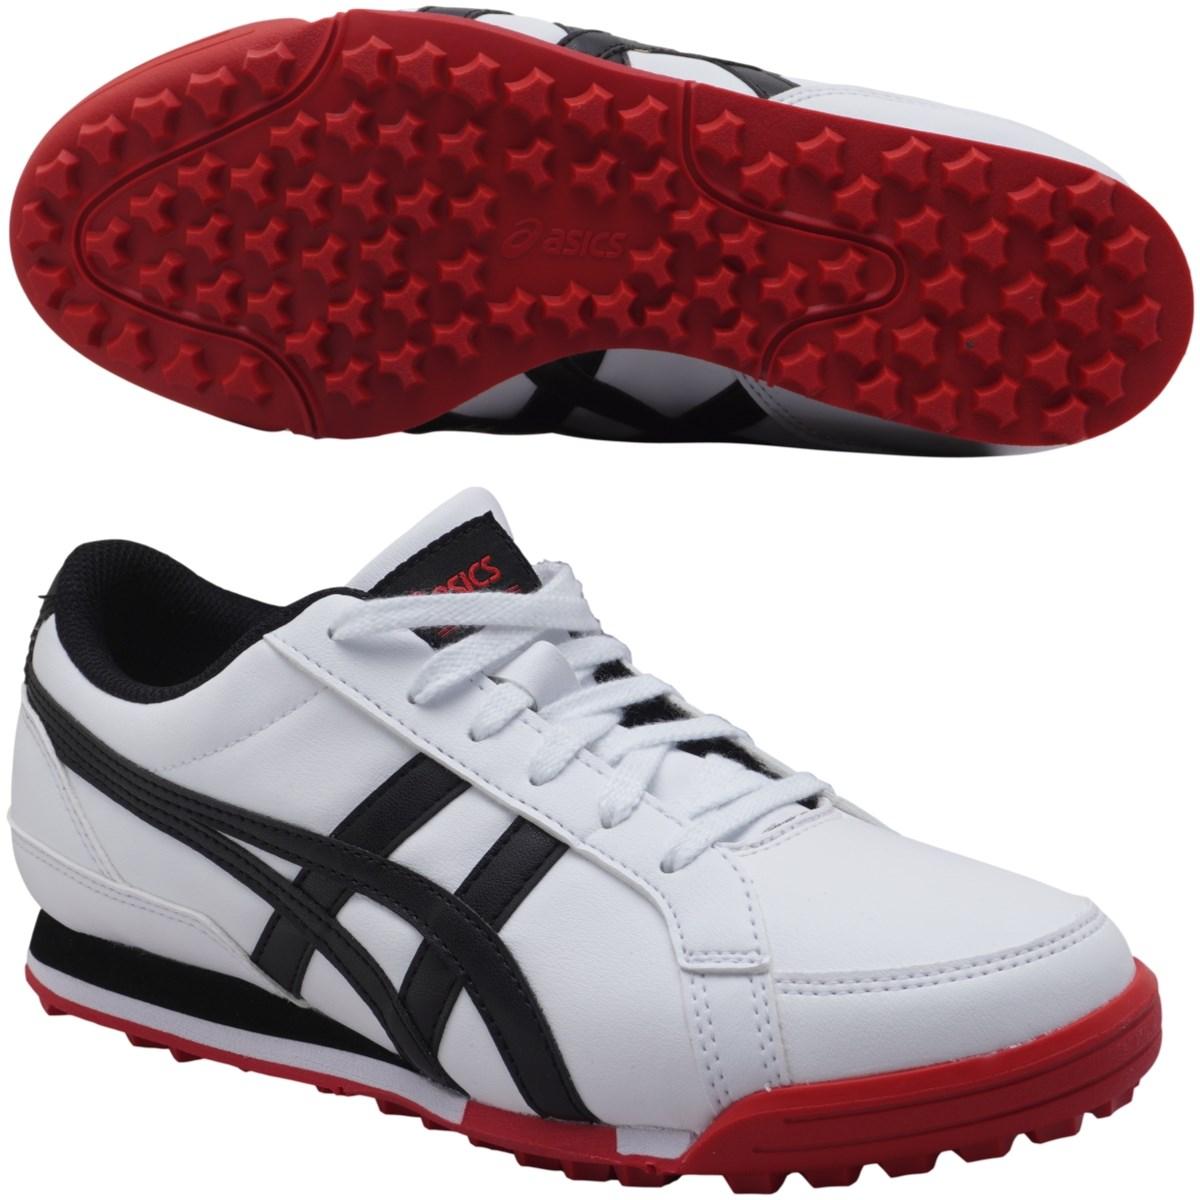 アシックス ASICS ゴルフシューズ 27cm ホワイト/ブラック